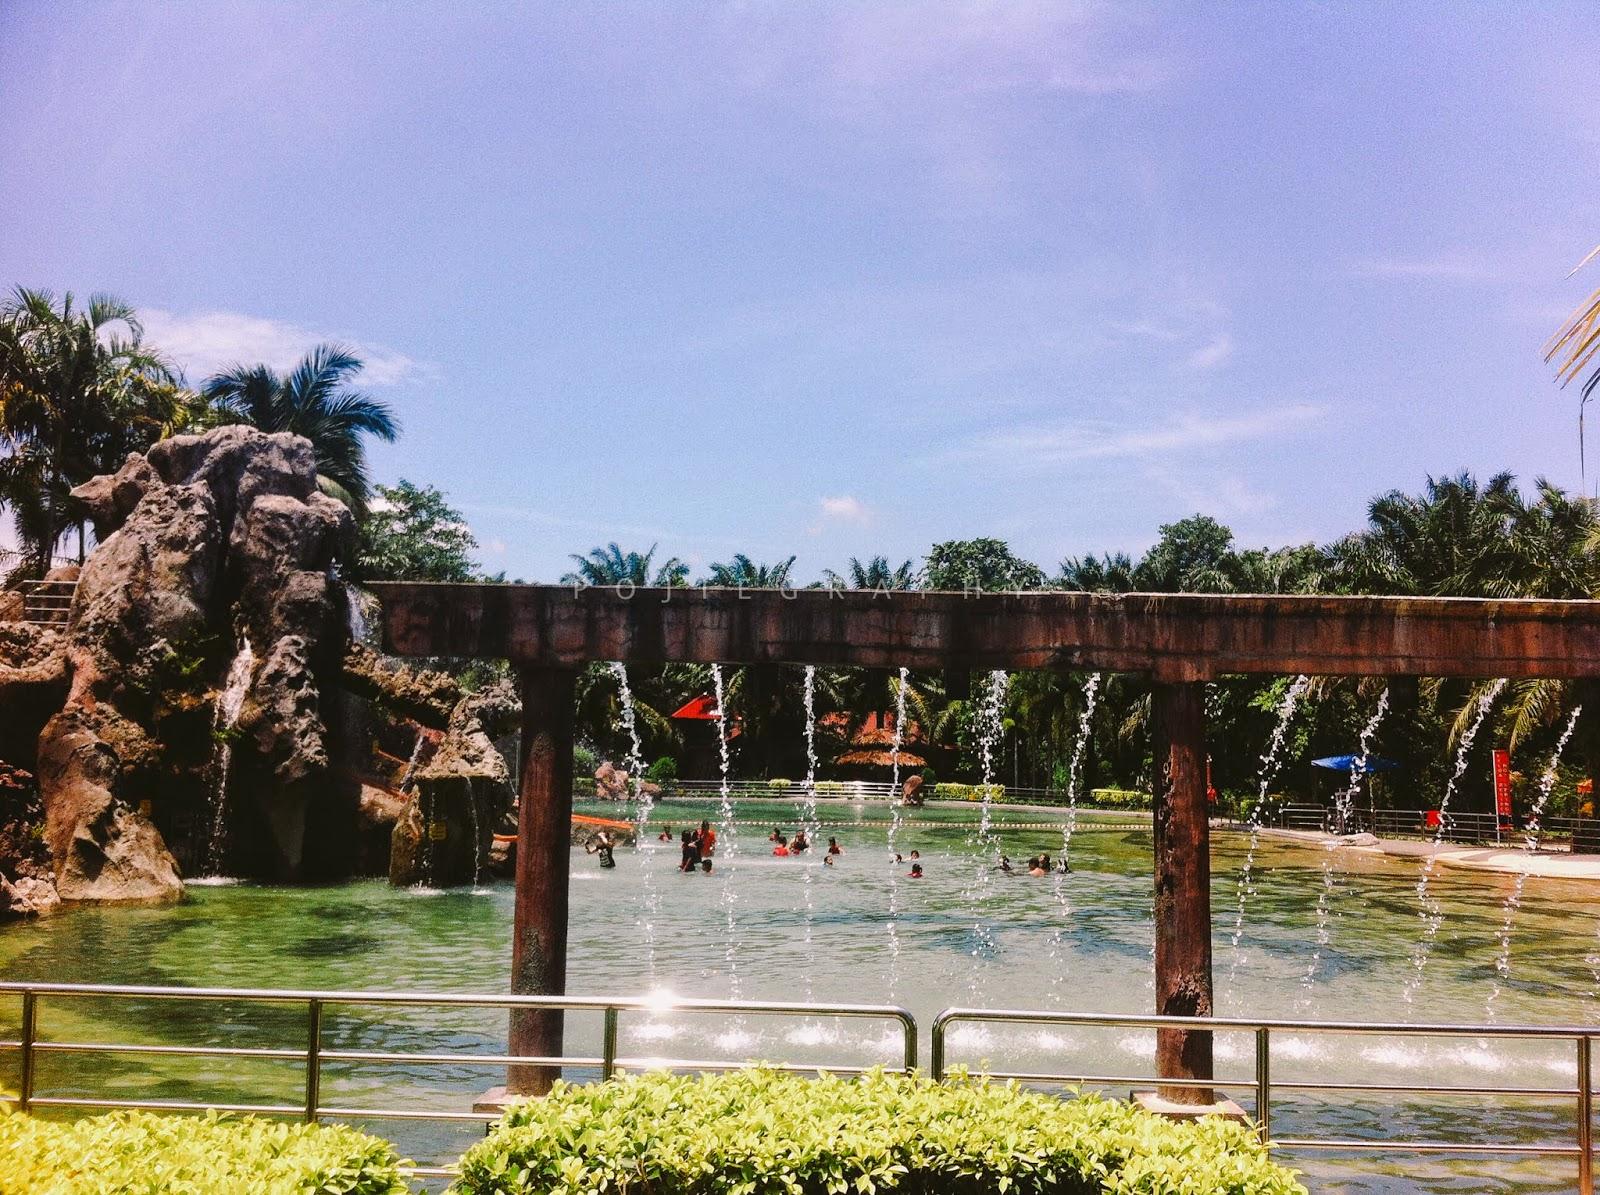 Sungai klah hot springs - Tidak Dapat Dinafikan Pemandangan Sekitar Sungai Klah Ni Memang Cantik Untuk Pengetahuan Anda Semua Sungai Klah Ini Bukan Hanya Tertumpu Kepada Kolam Air